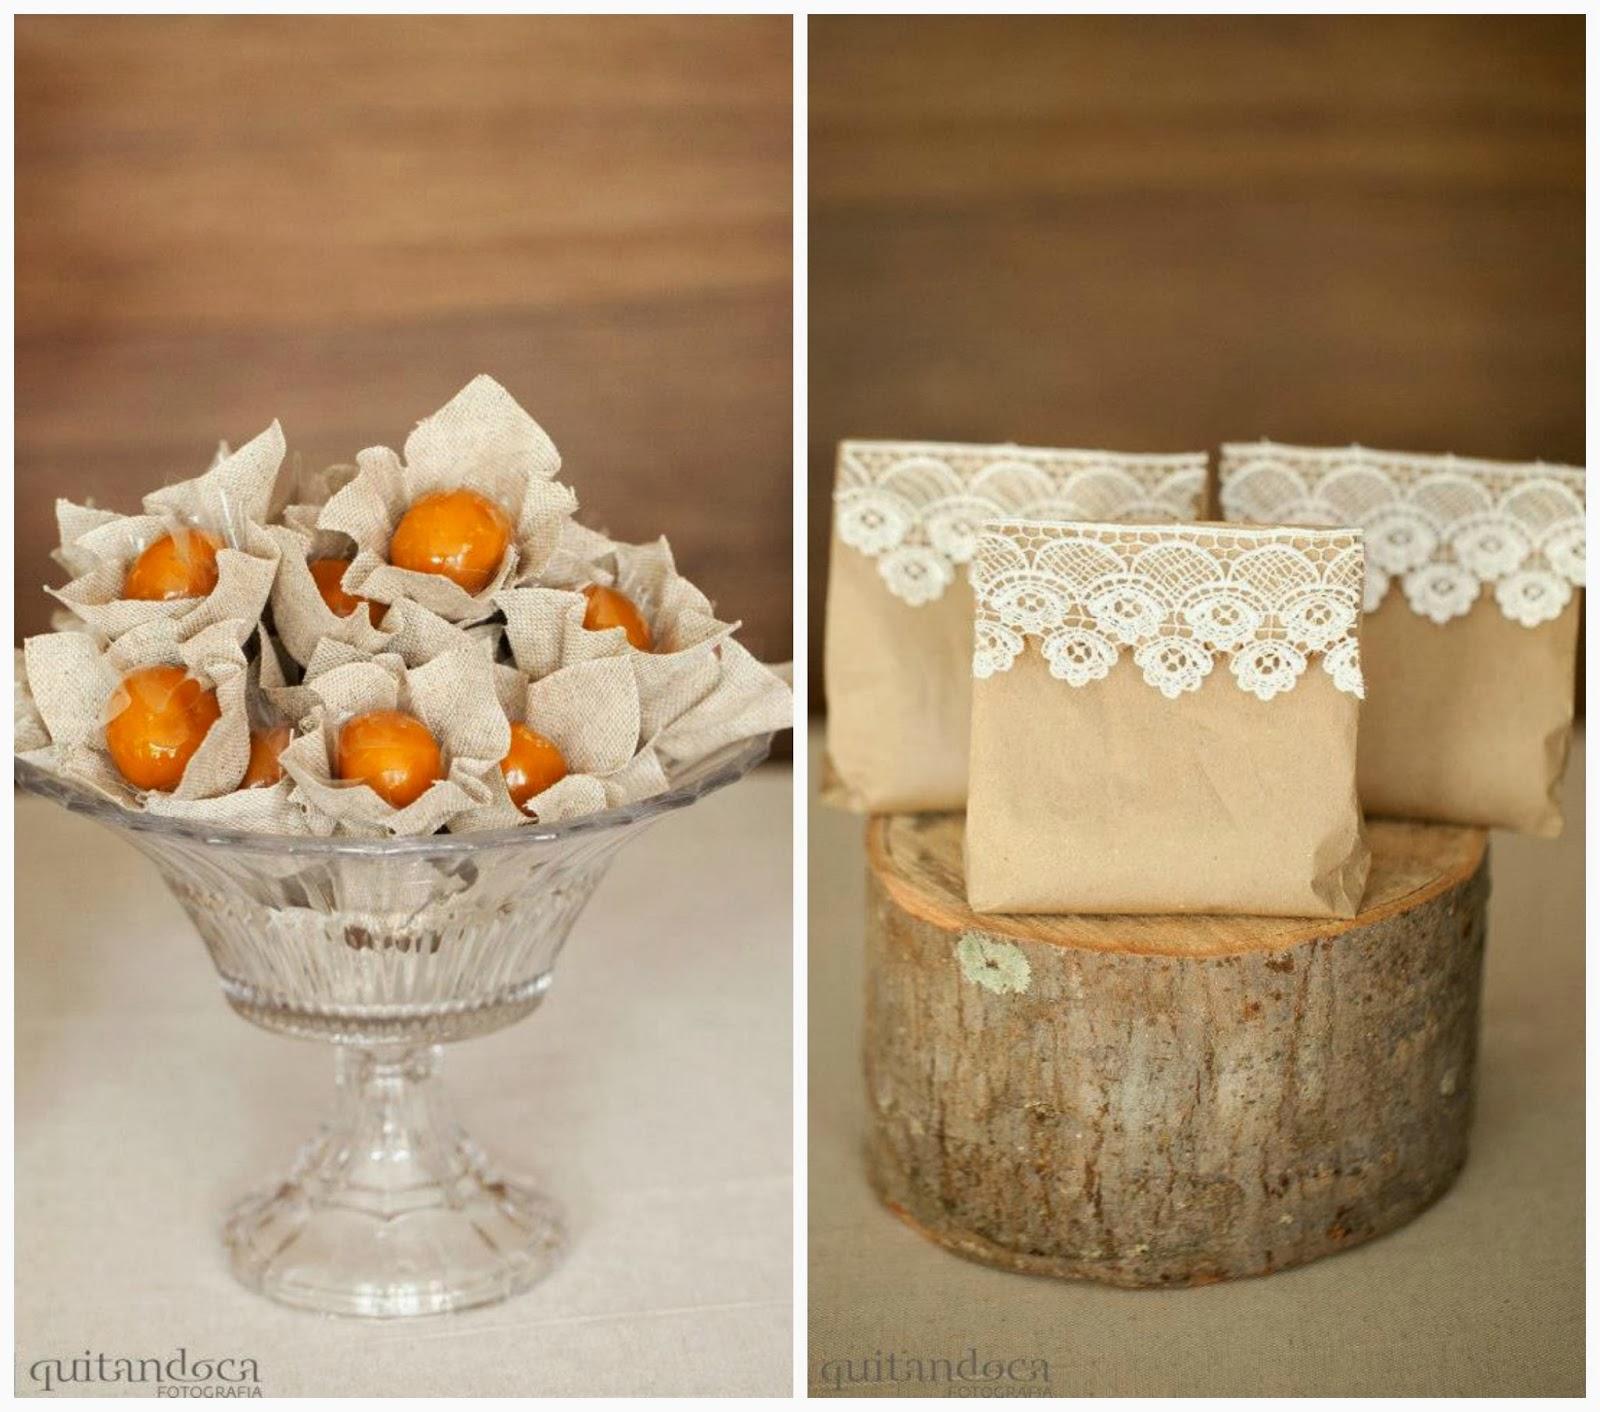 bodas-algodao-detalhes-craft